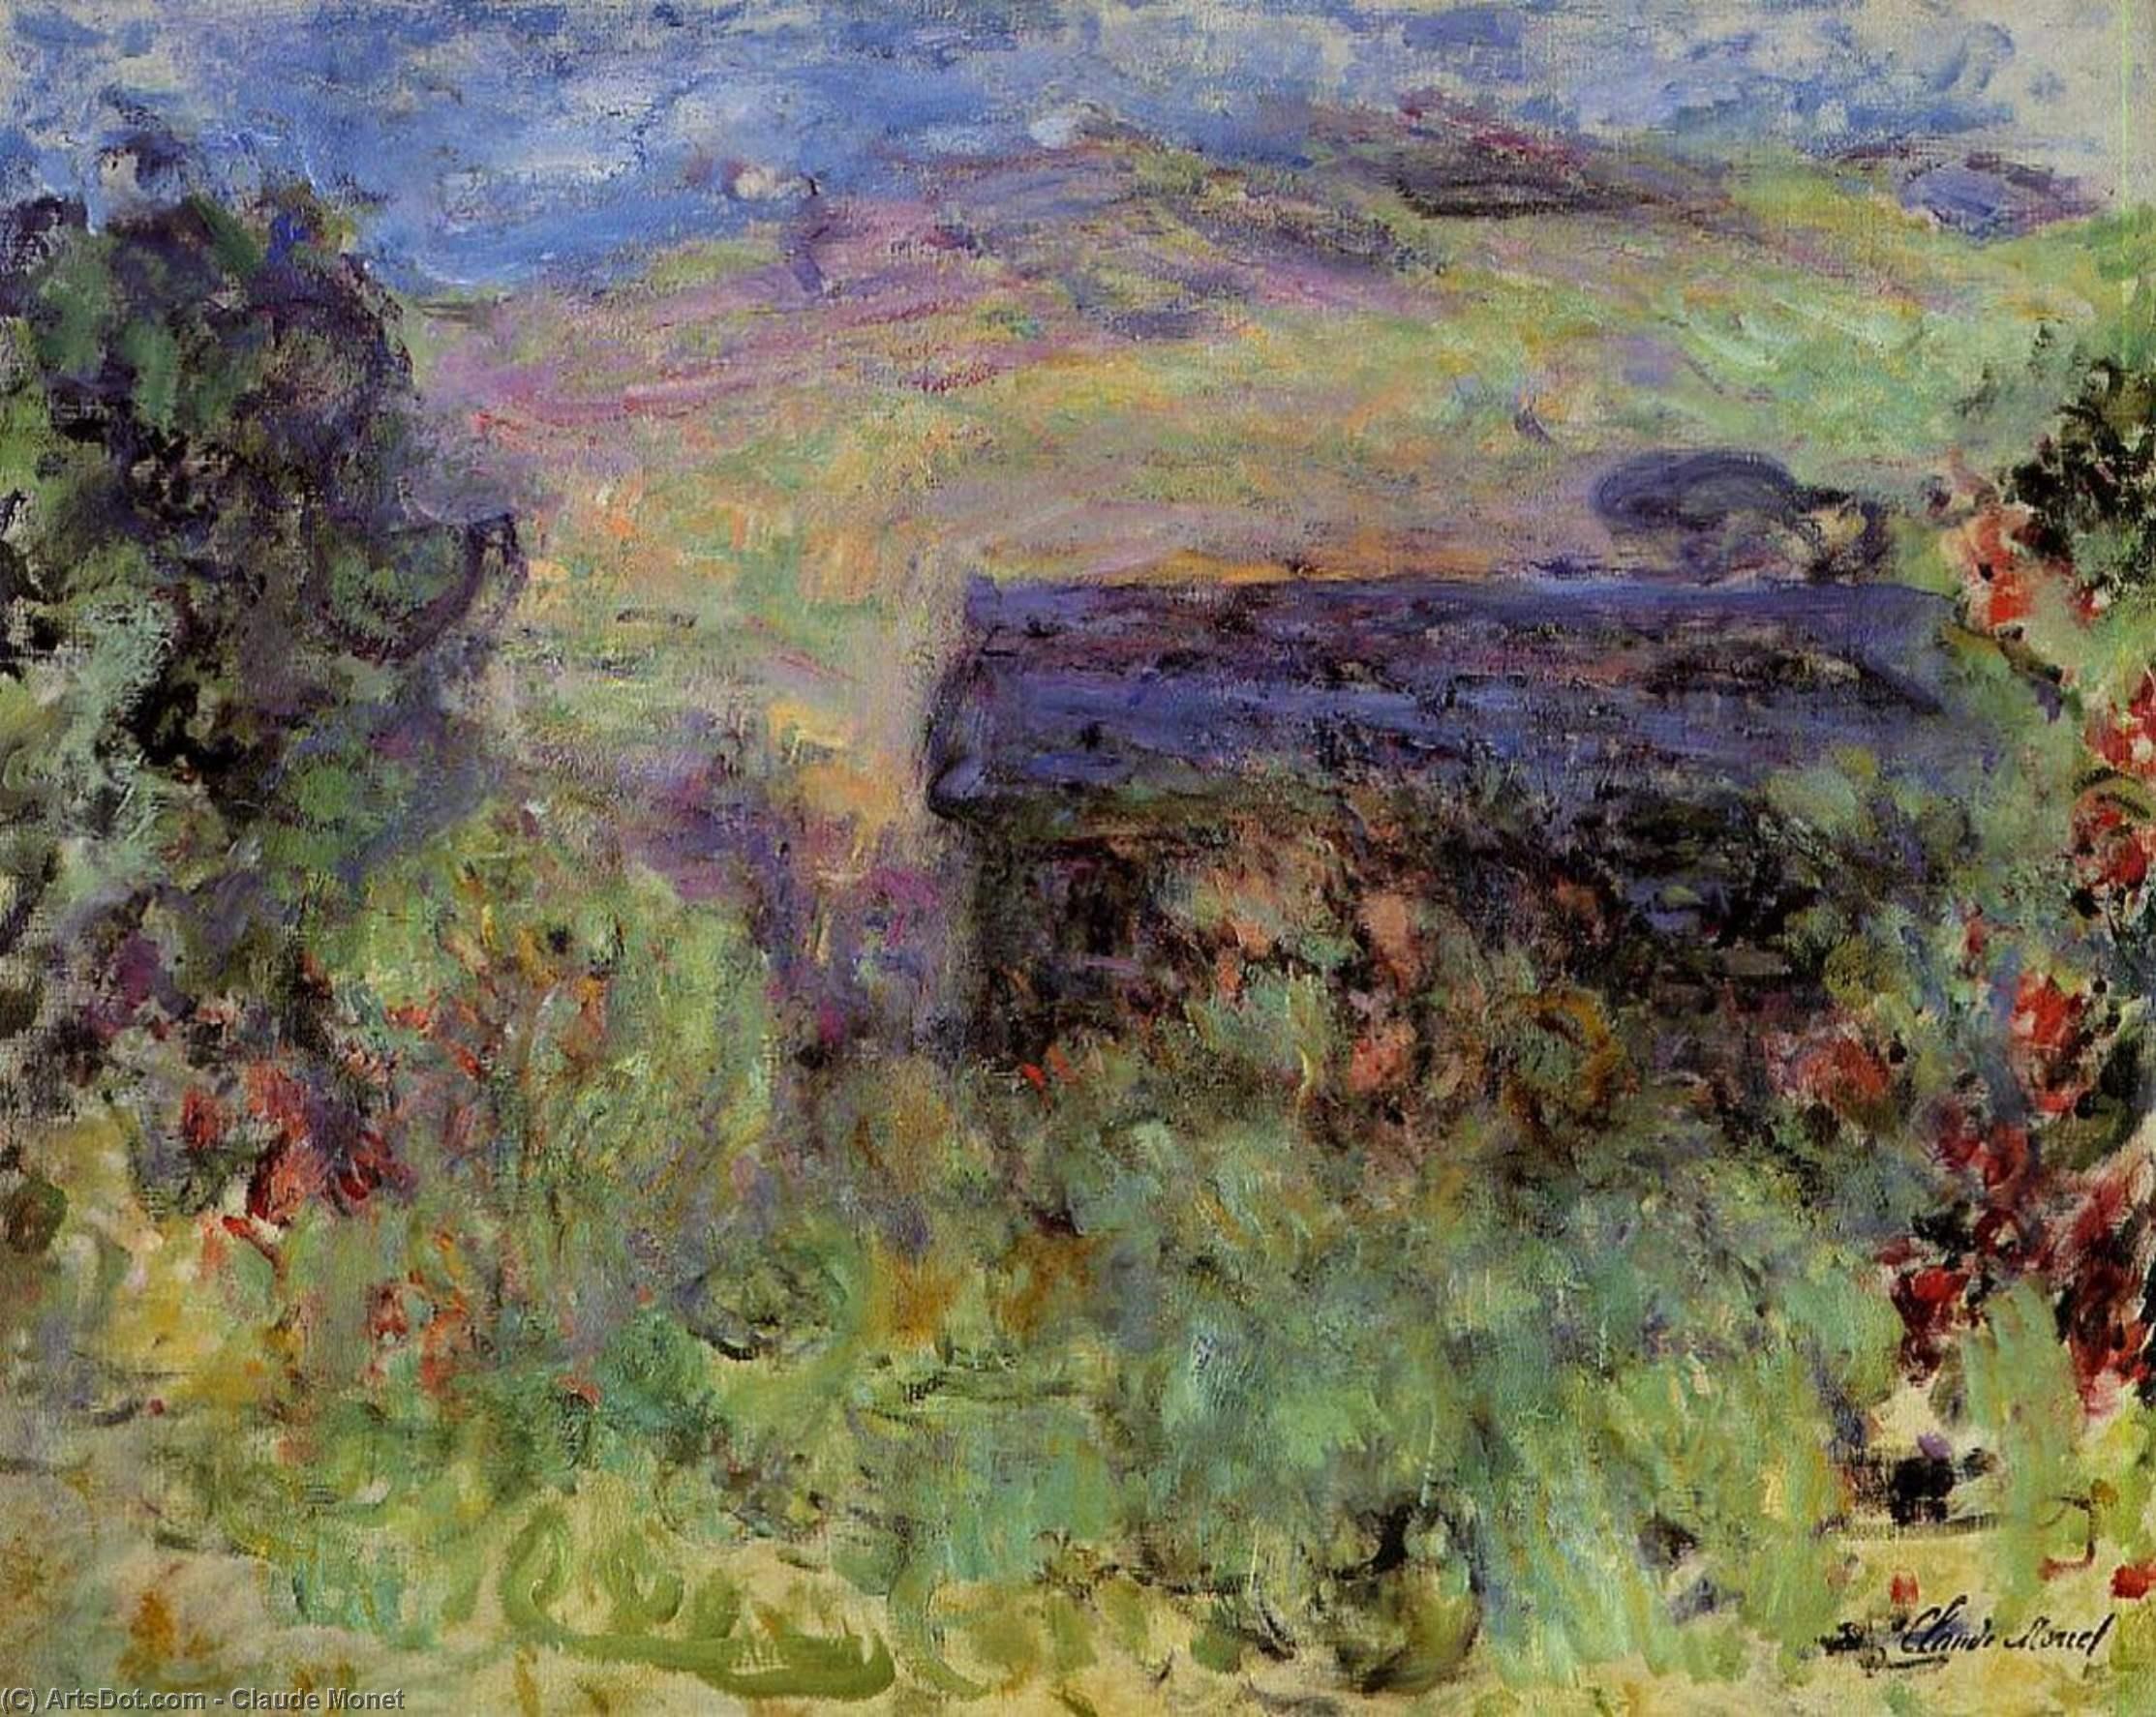 пейзаж < Вид на дома через розы >:: Клод Моне, описание картины - Claude Monet фото